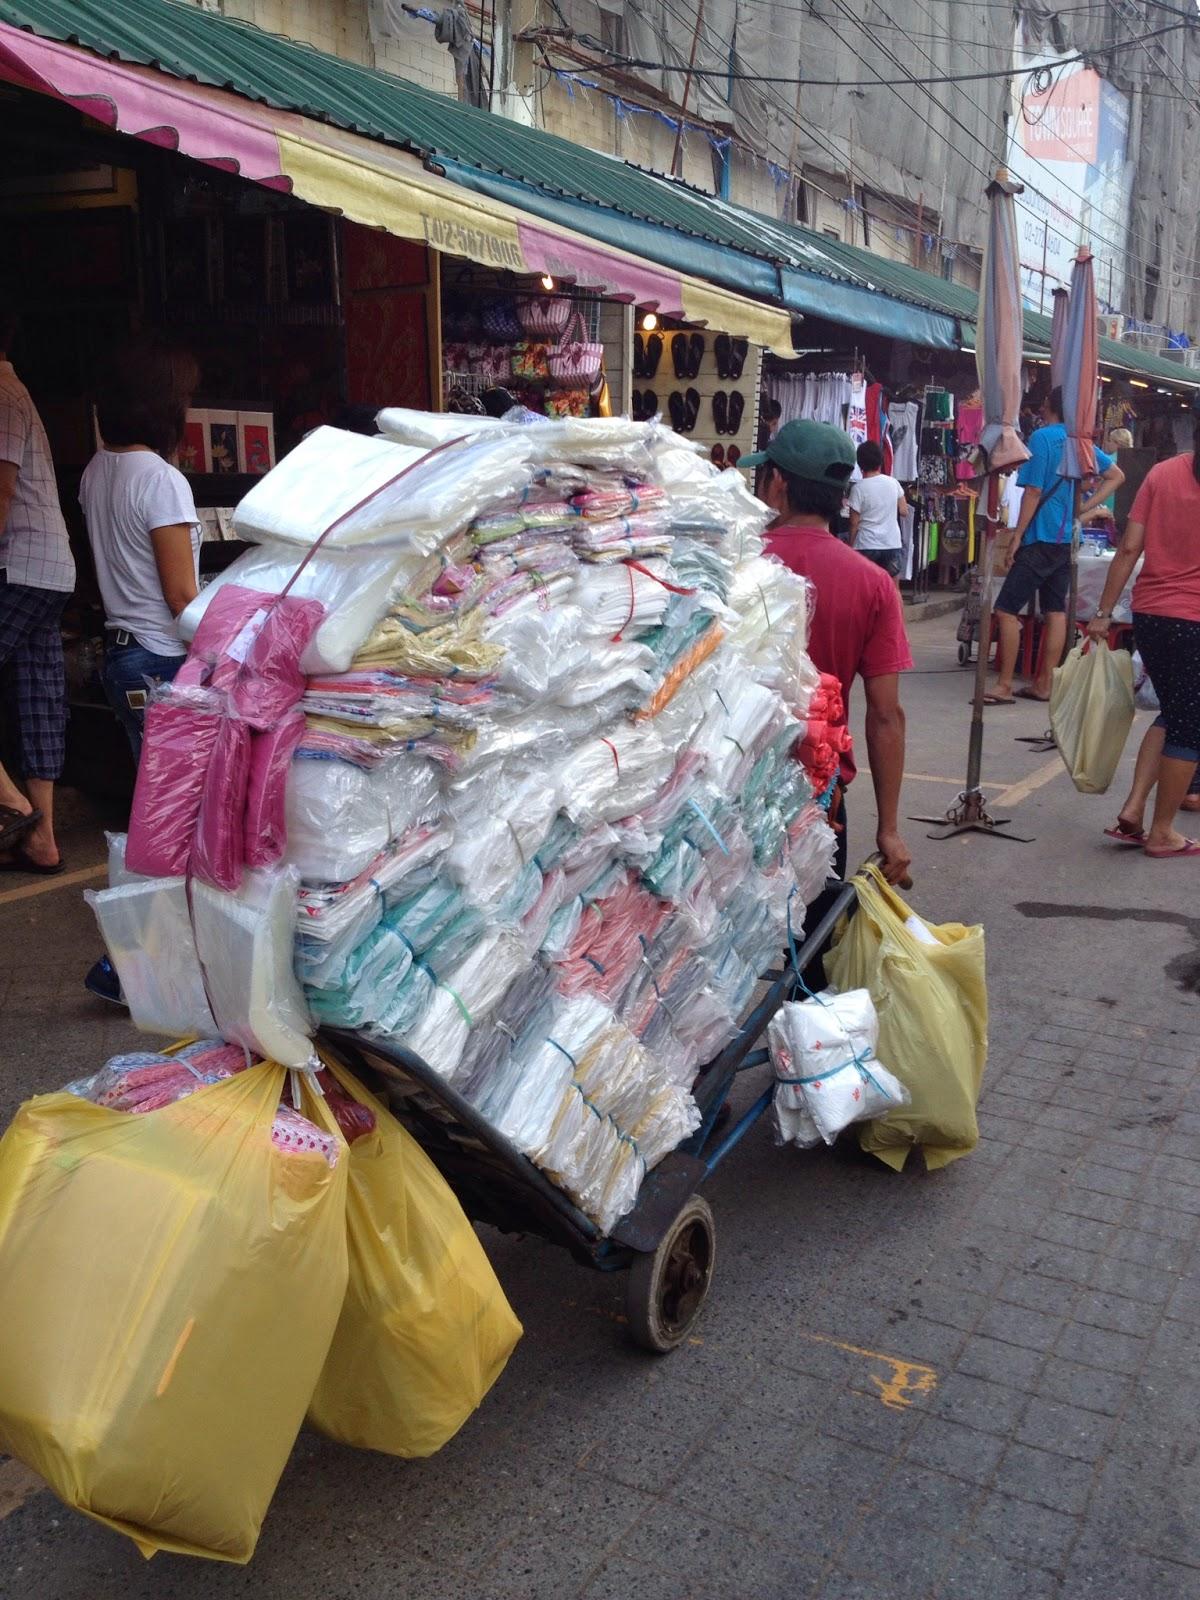 Bangkok - A vendor transporting his goods